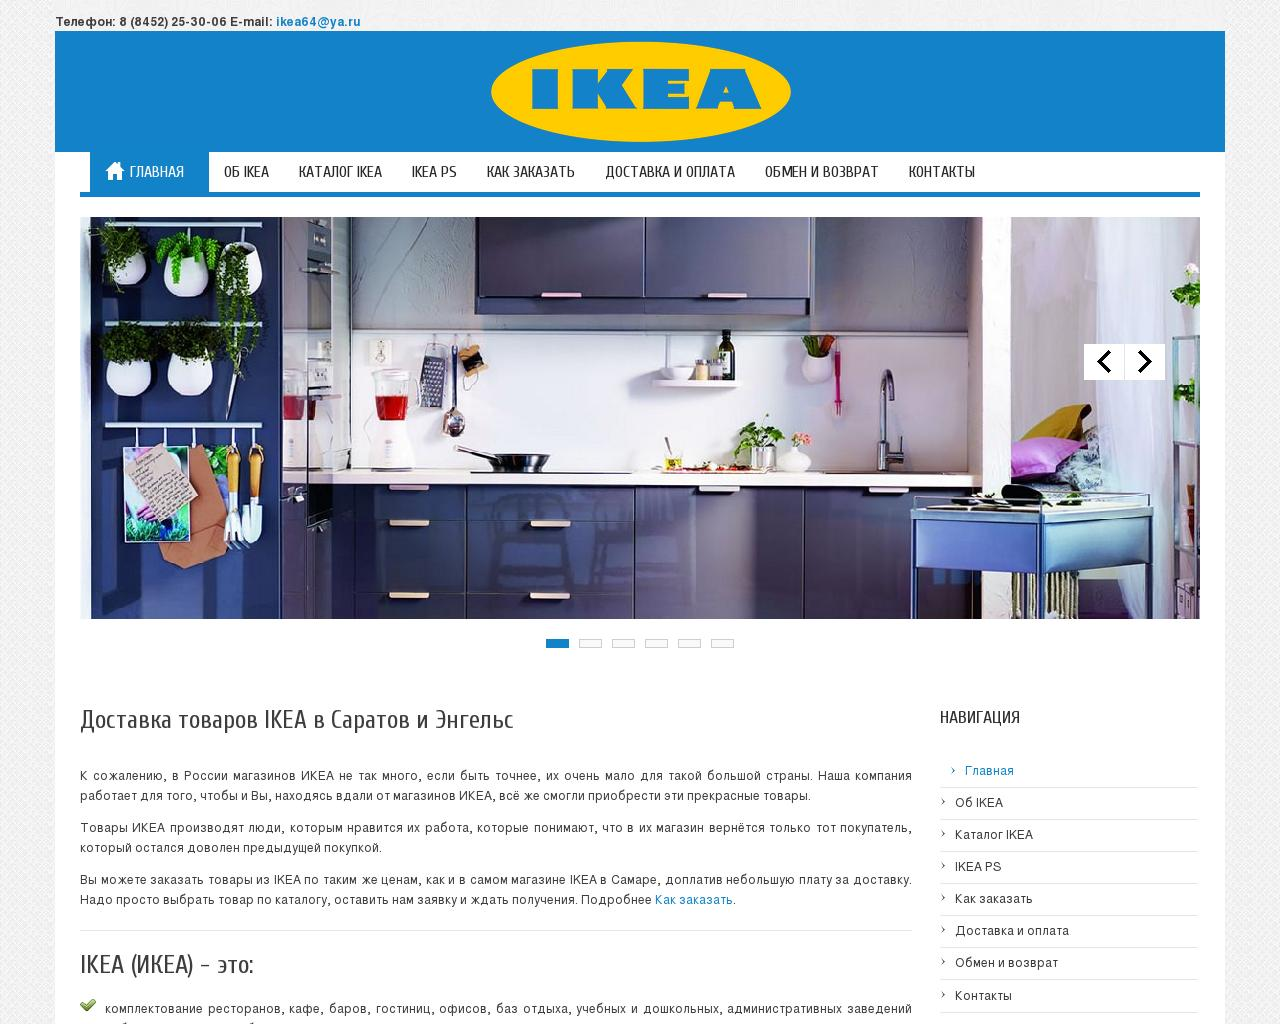 Ikea64ru икеа саратов доставка товаров Ikea в саратов и энгельс